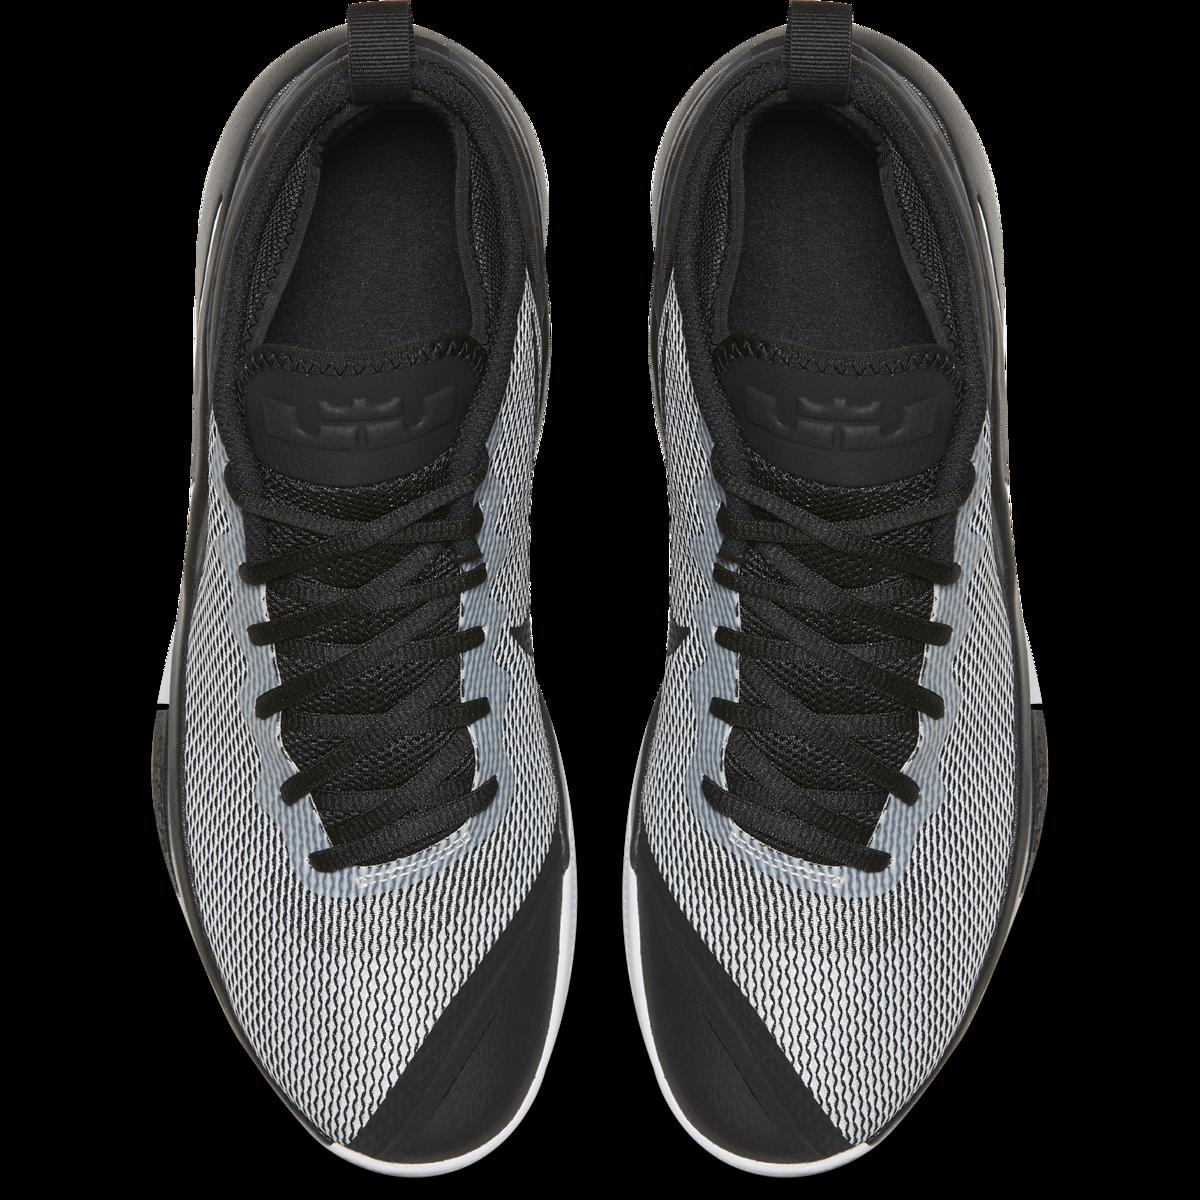 3aa8204b5b62a Nike LeBron Zoom Witness 2 Basketball shoes - 942518-011